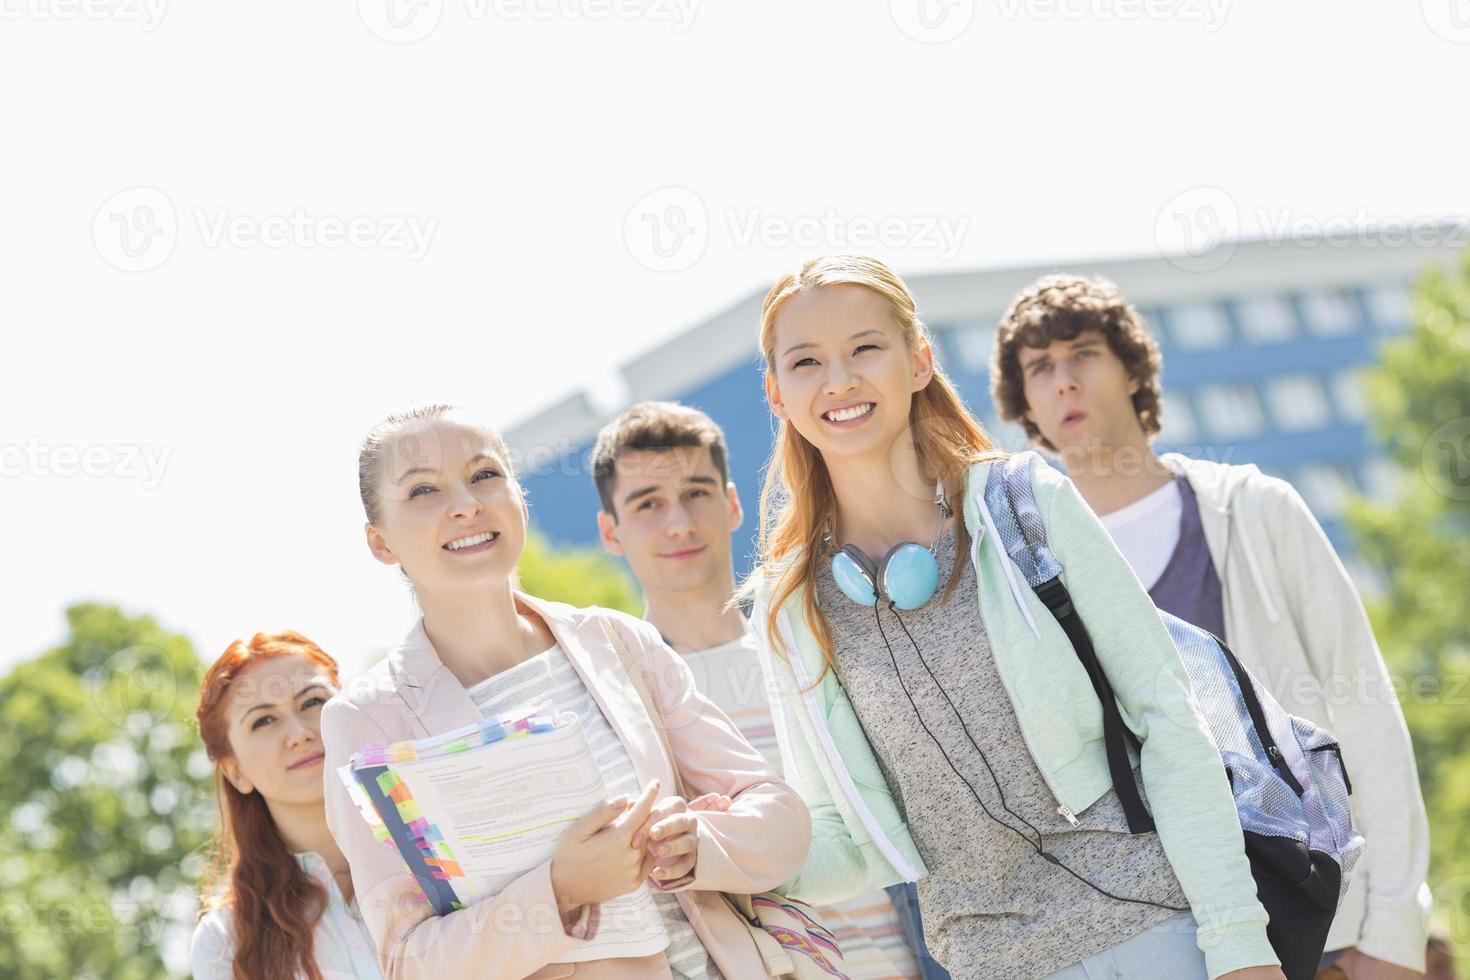 lachende jonge studenten staan samen op de campus van de universiteit foto